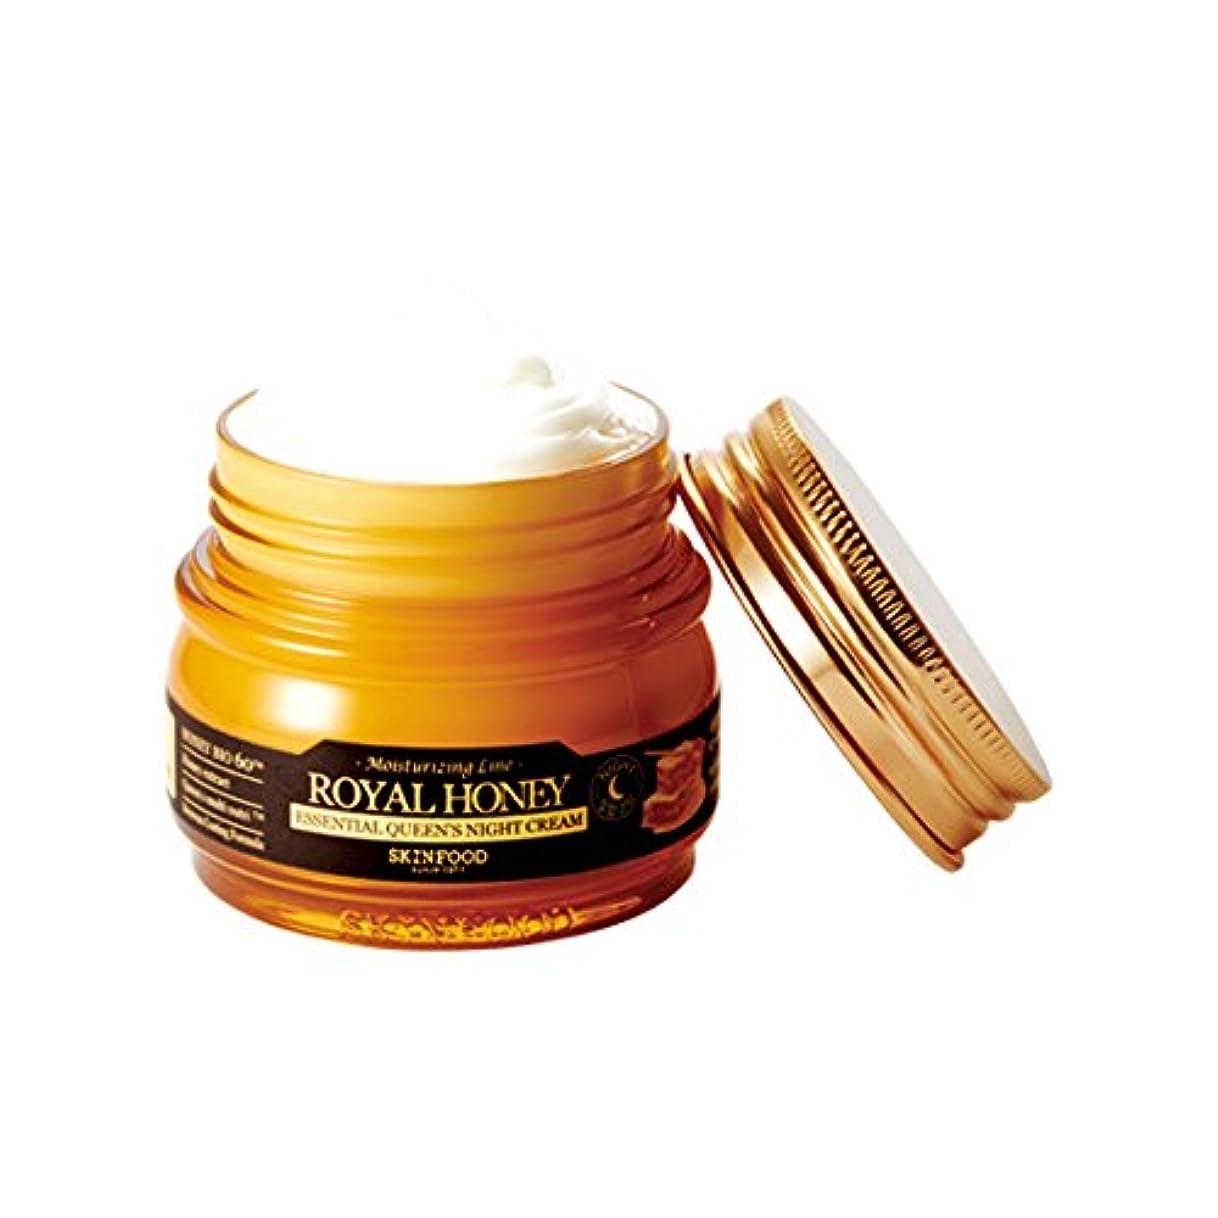 増幅なぞらえるミルクSKINFOOD Royal Honey Essential Queen's Night Cream 63ml / スキンフード ロイヤルハニーエッセンシャルクイーンズナイトクリーム 63ml [並行輸入品]